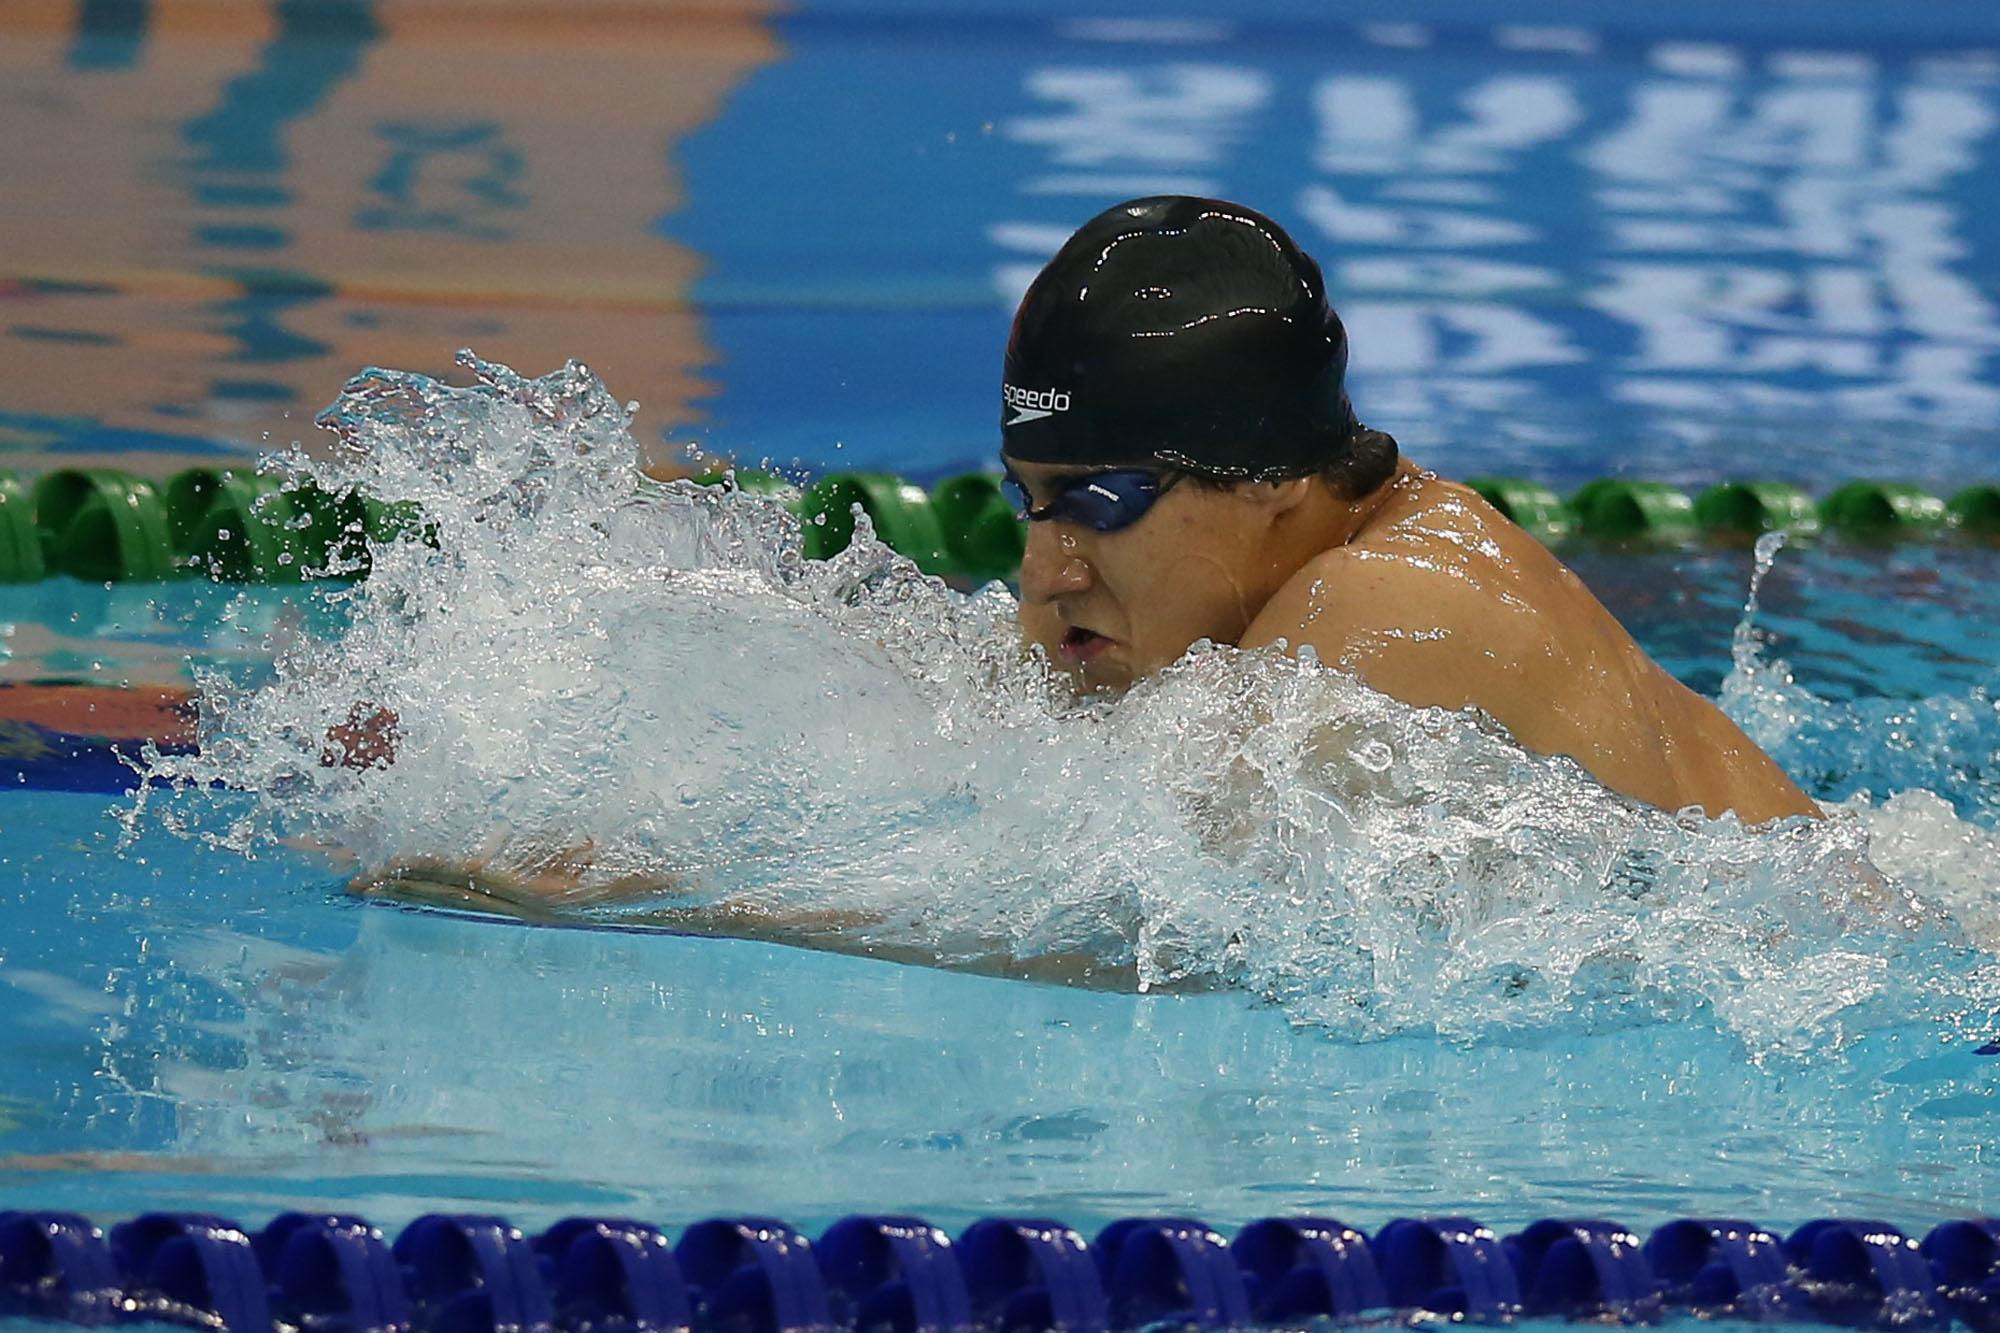 بهترین شناگر ایران: هفت سال است عید کنار خانواده ام نیستم